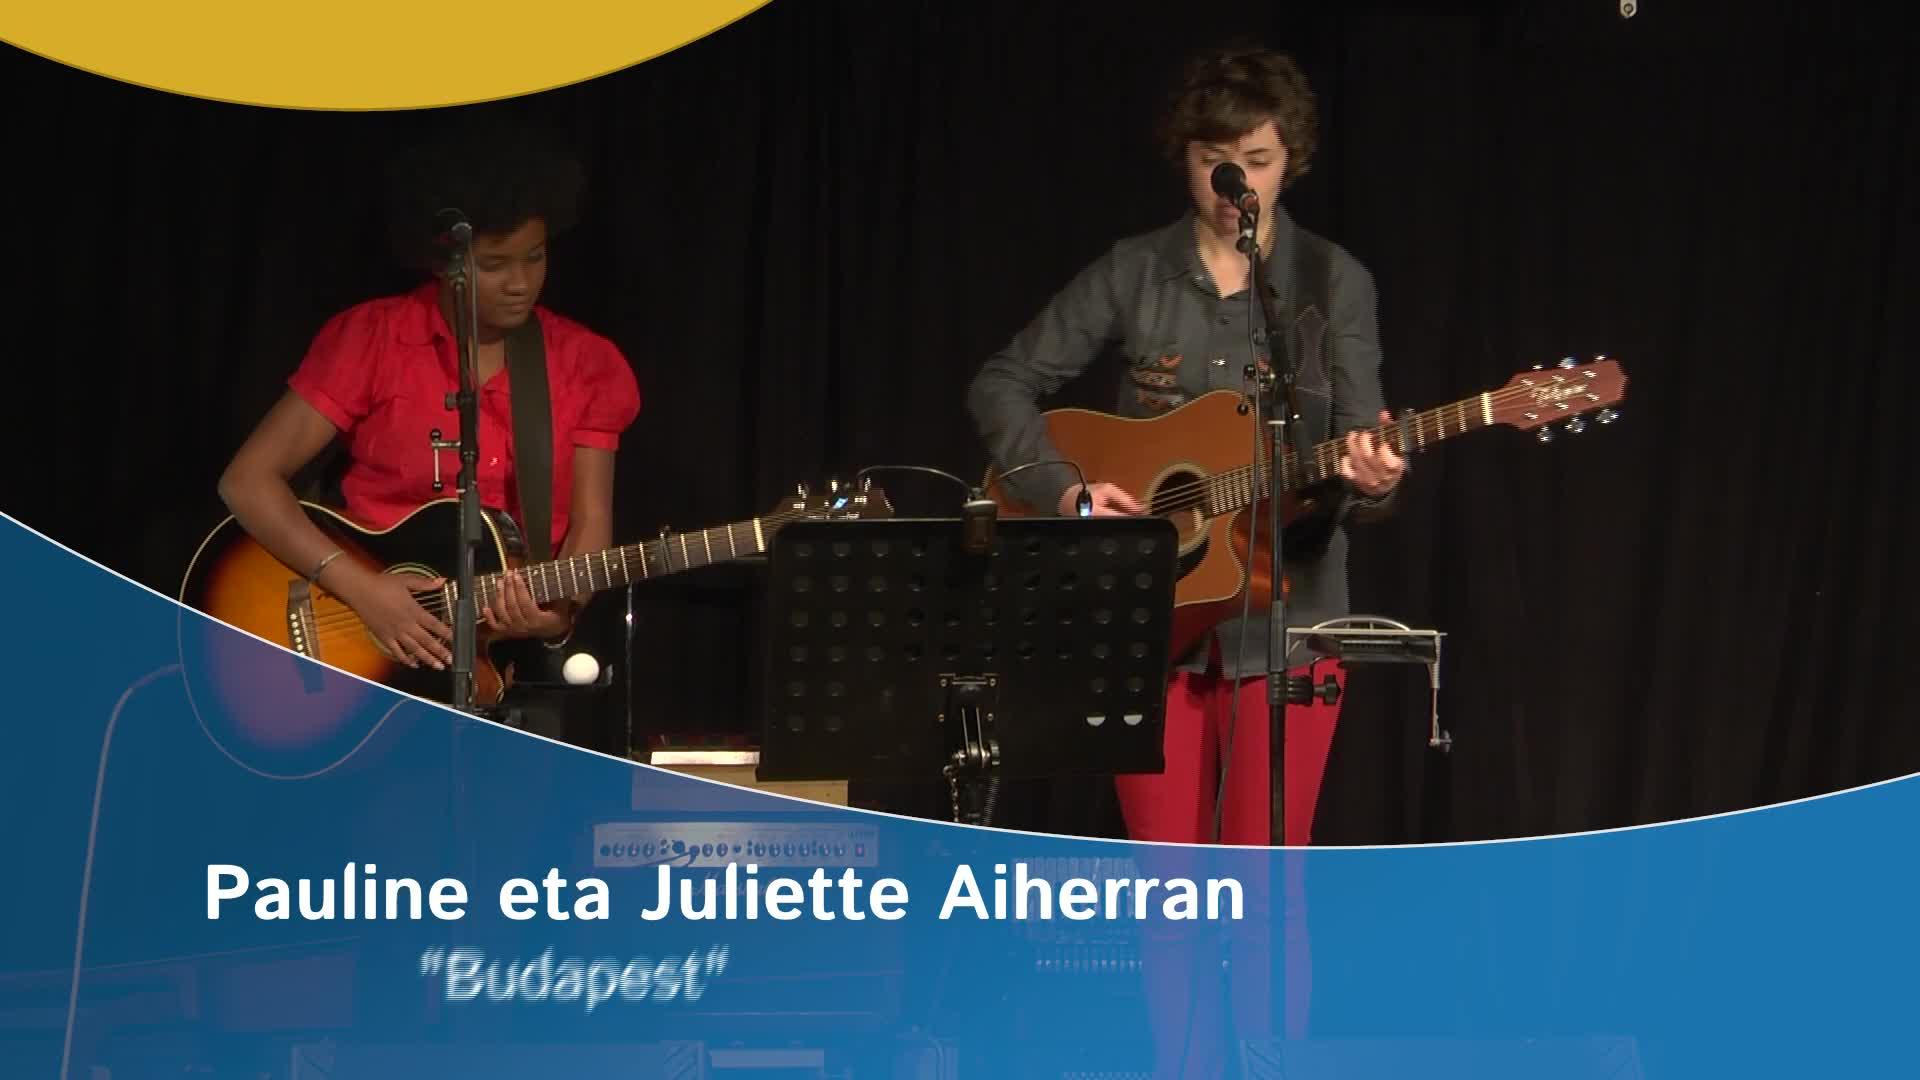 """Pauline eta Juliette Aiherran: """"Budapest"""""""